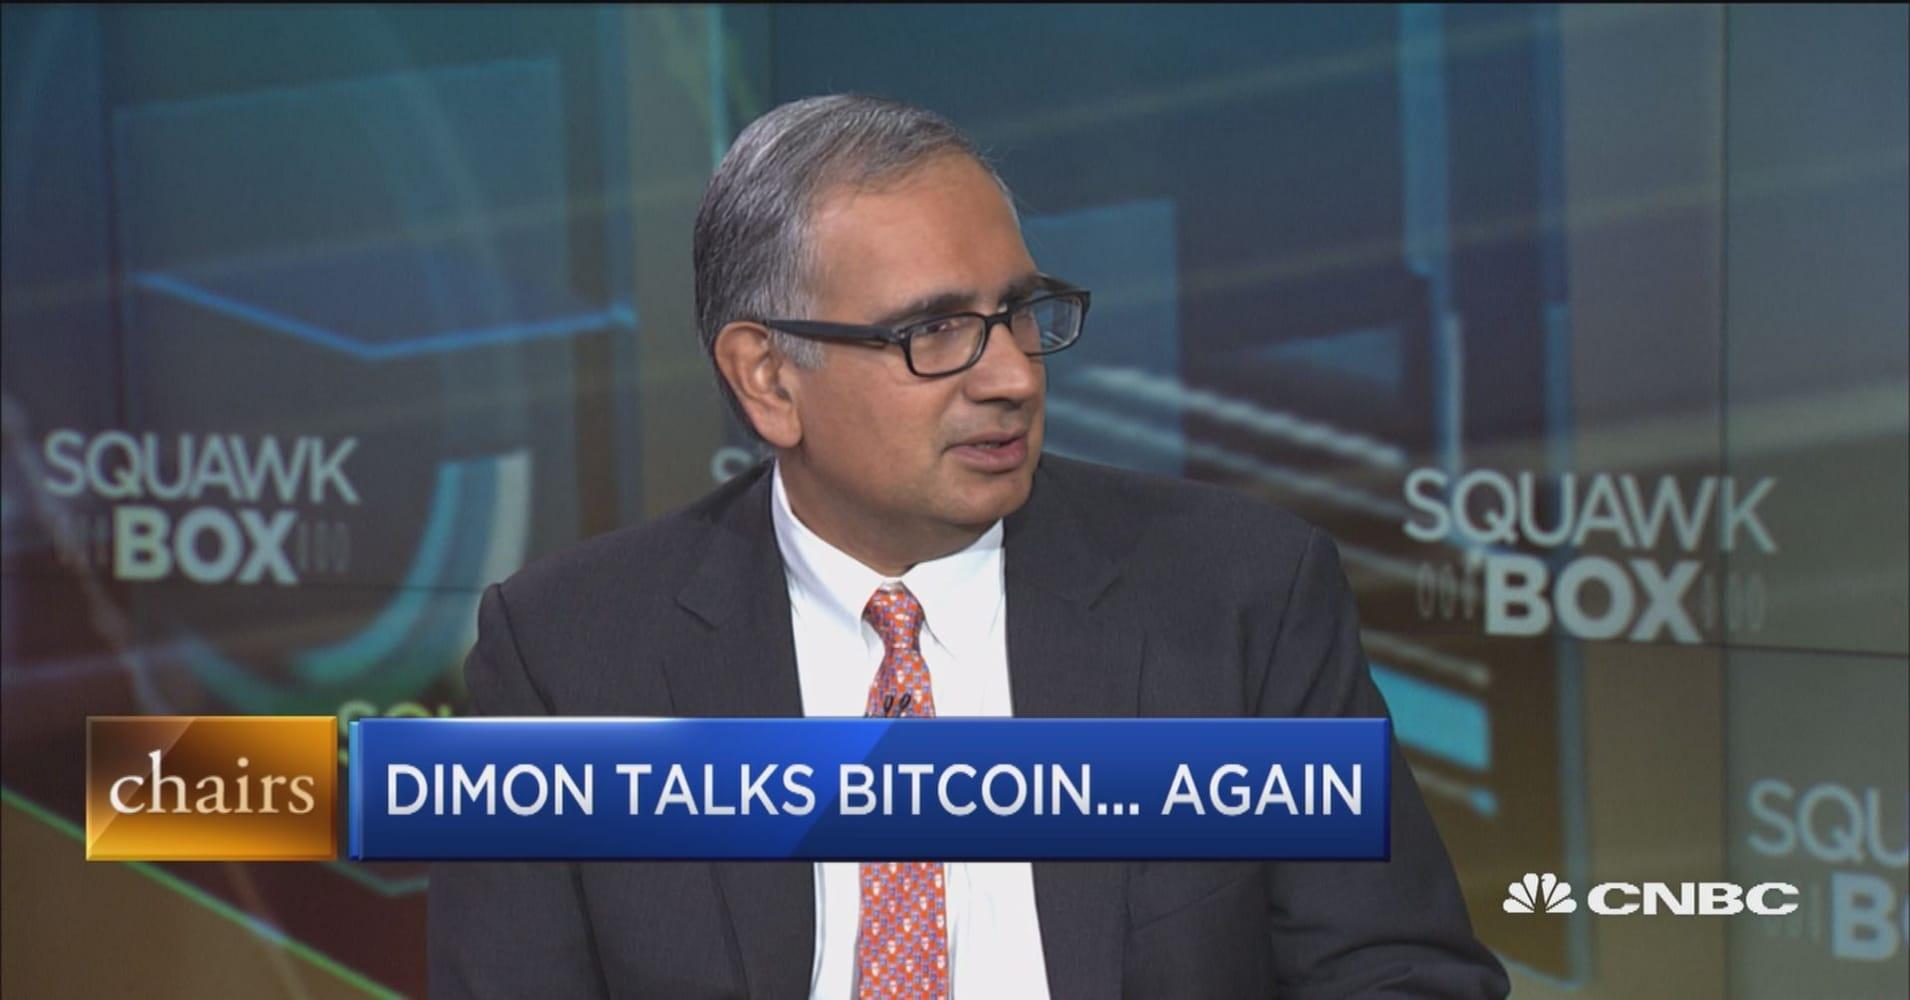 Jamie Dimon talks bitcoin